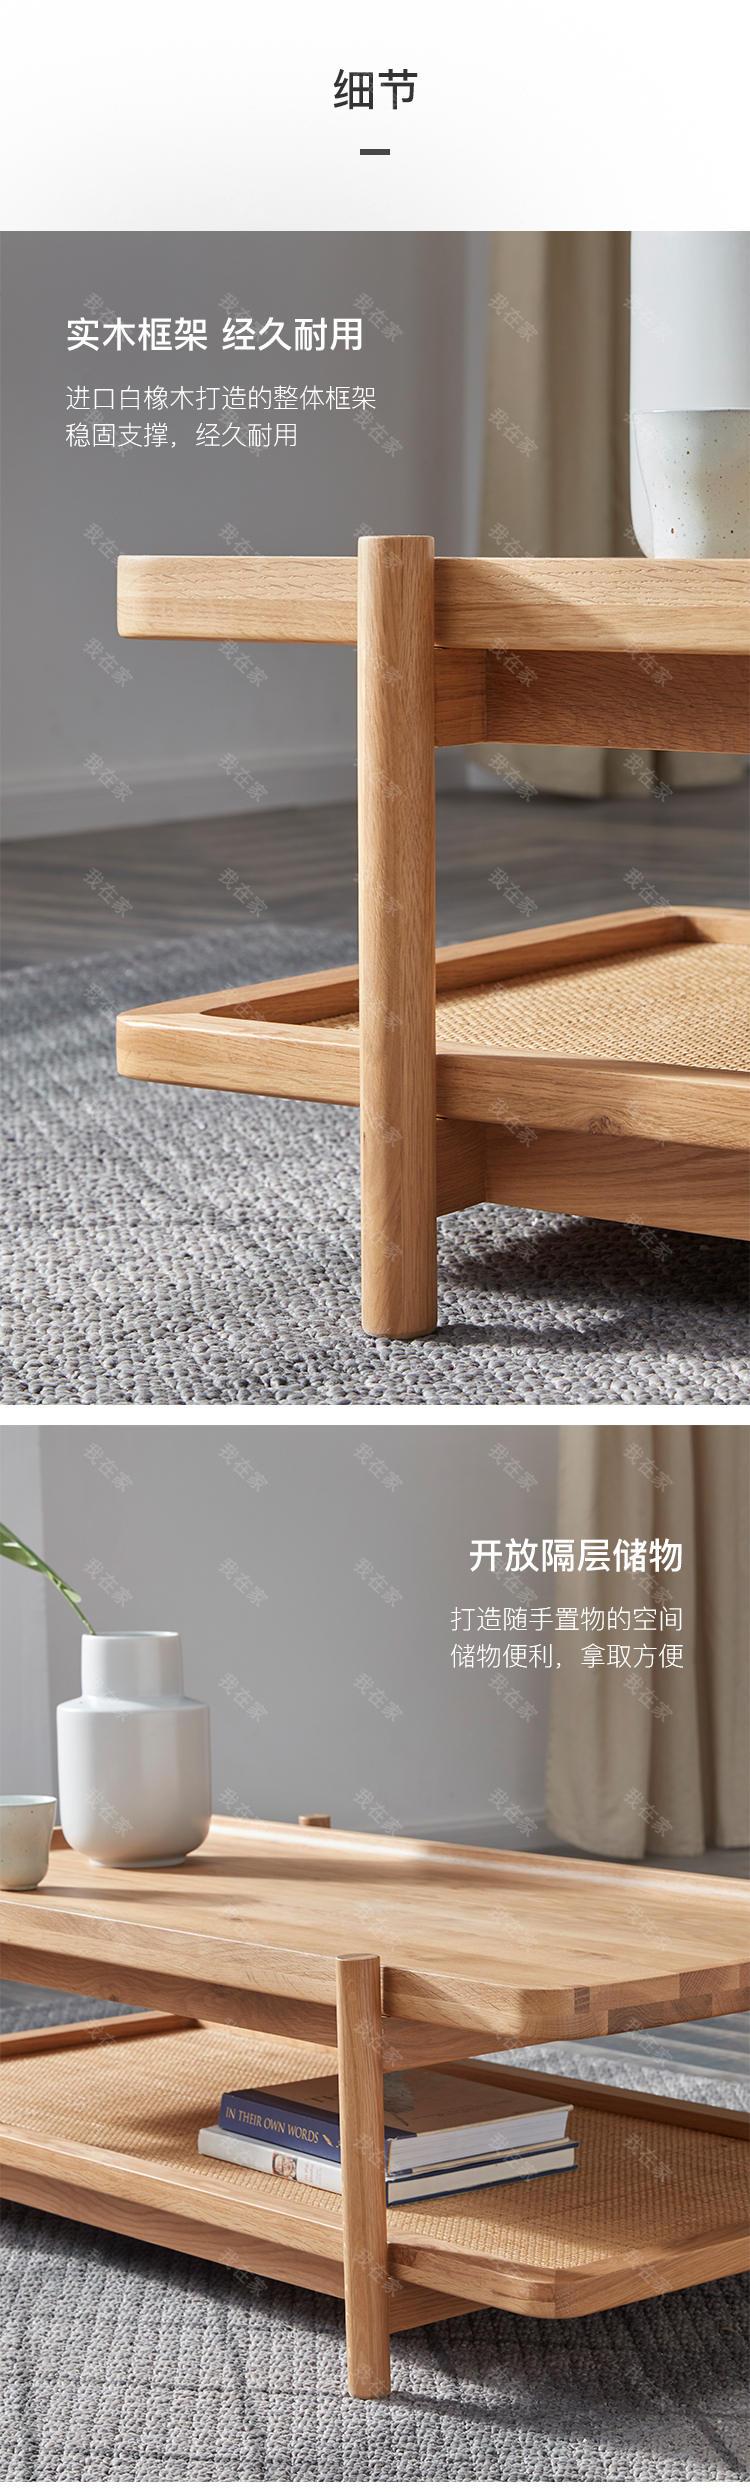 原木北欧风格辰边茶几(样品特惠)的家具详细介绍